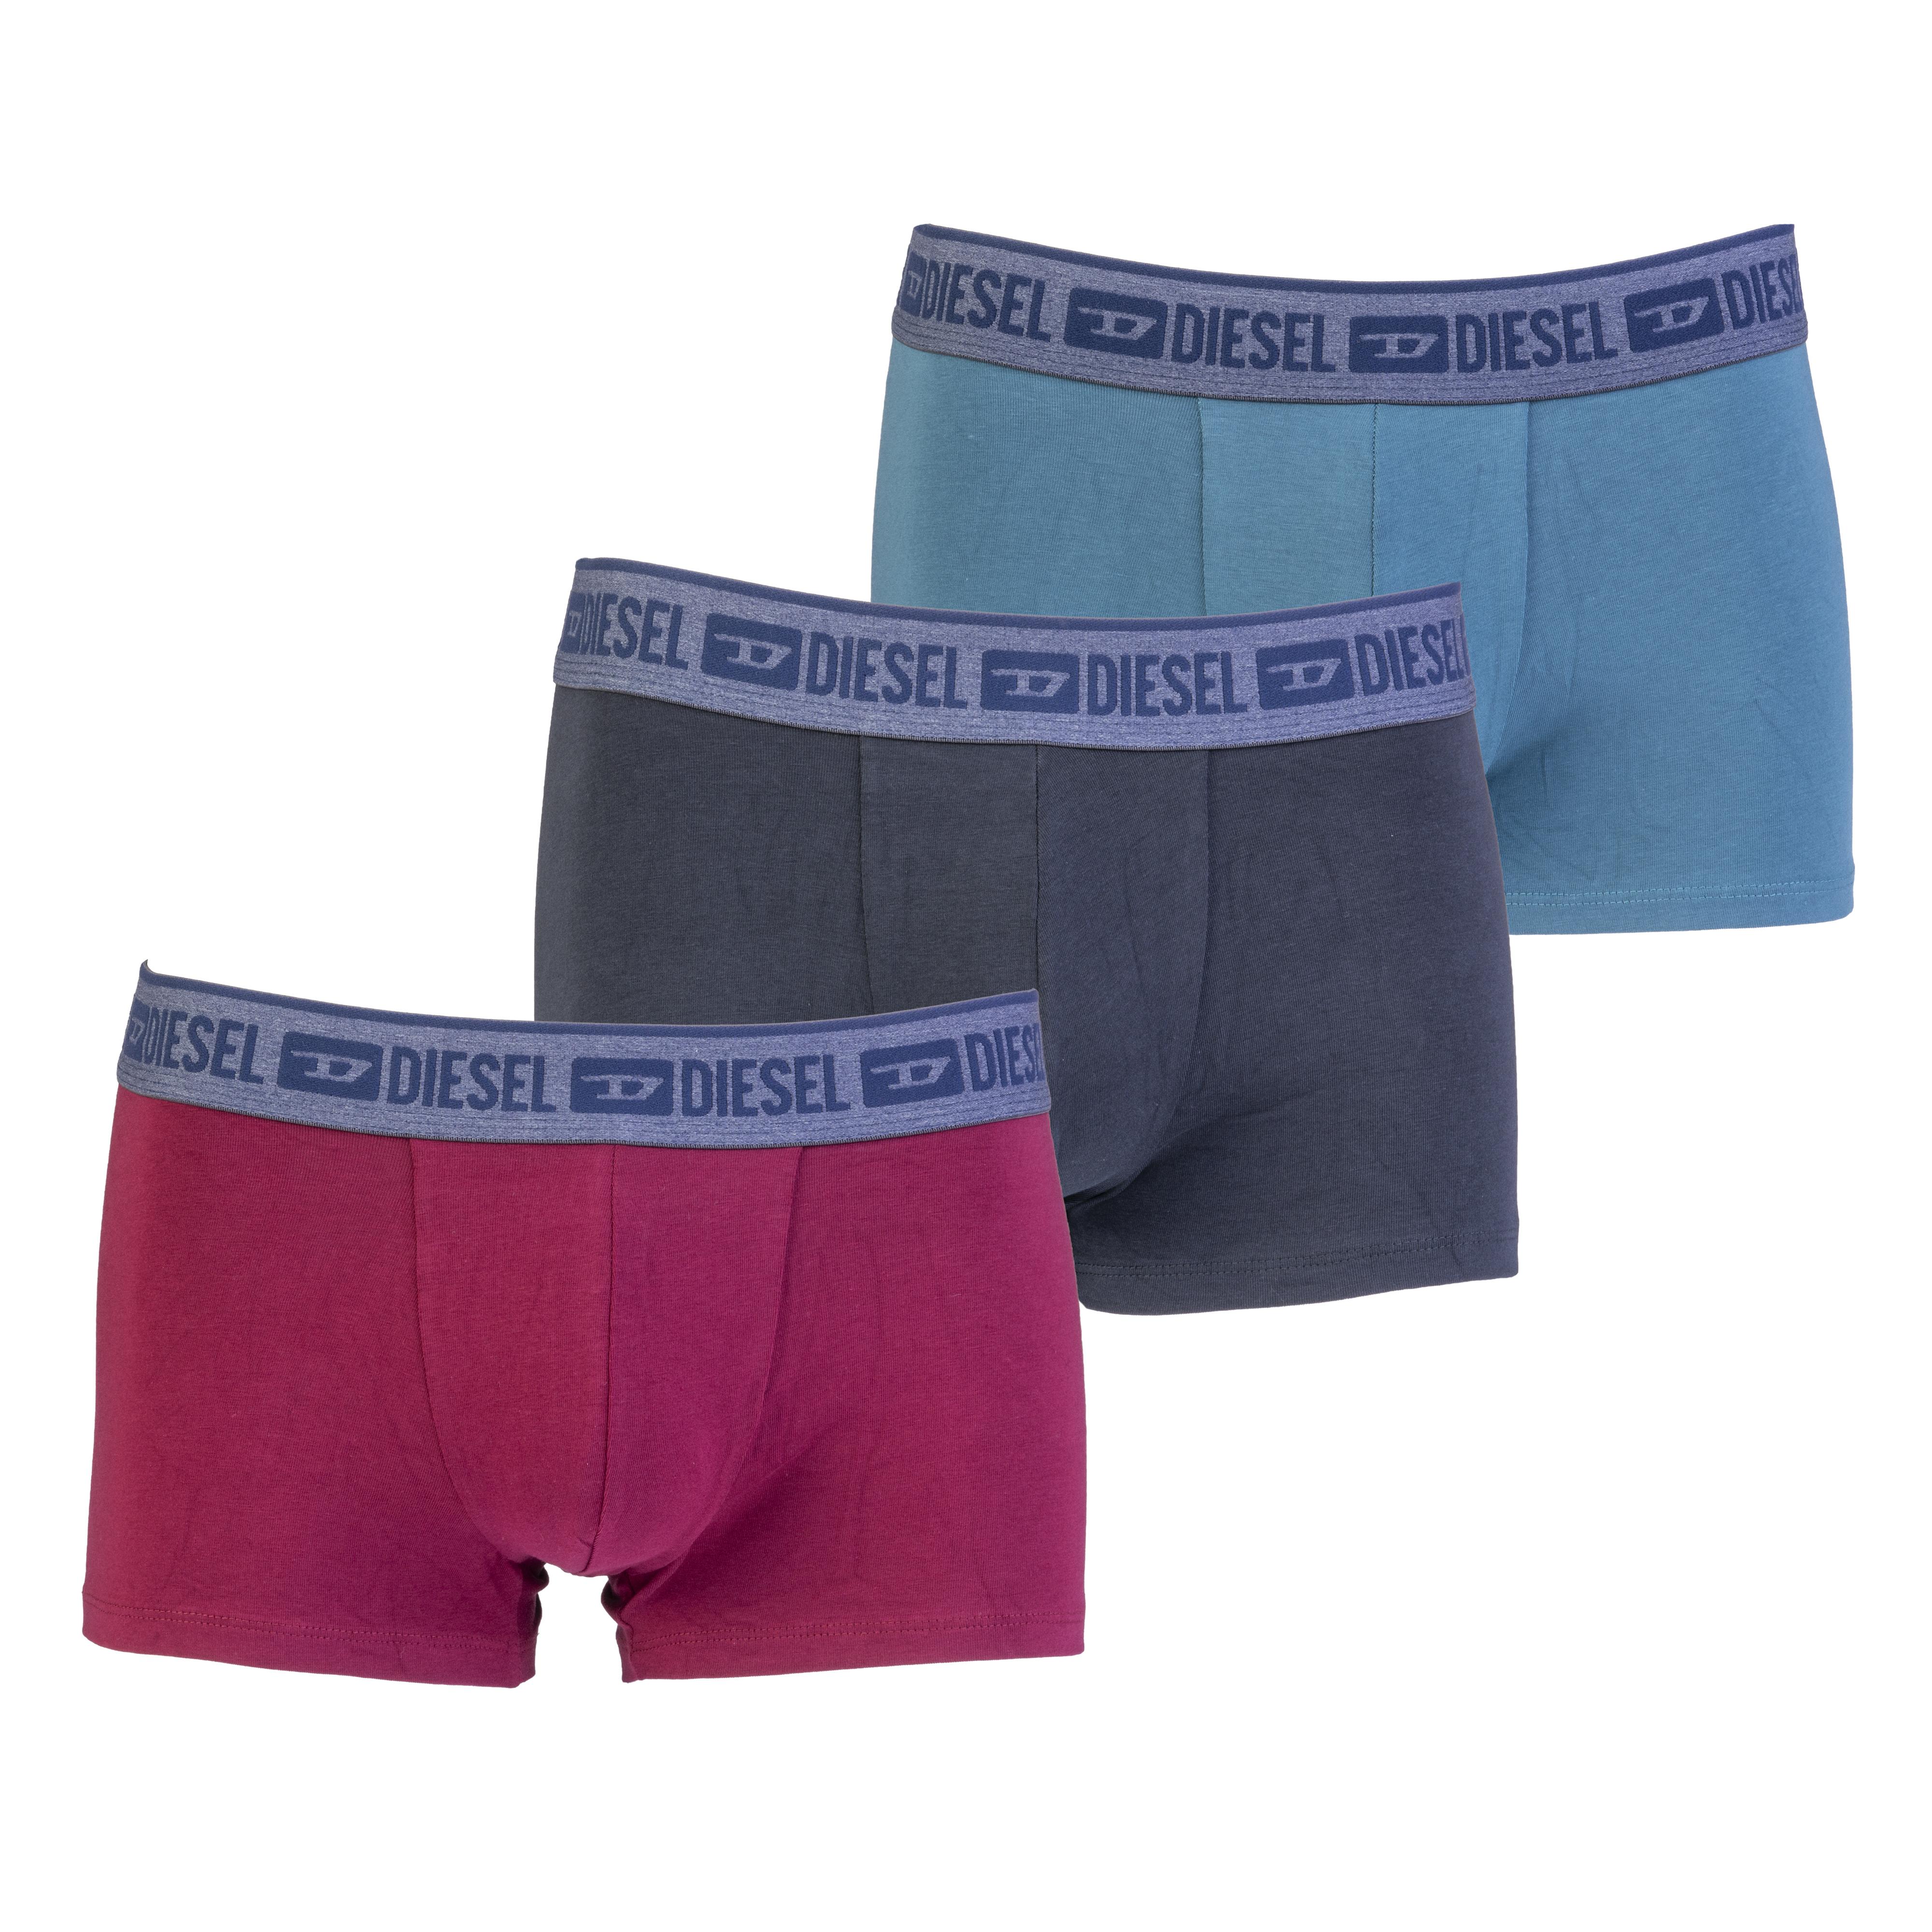 Lot de 3 boxers diesel shawn en coton stretch bleu canard, noir et bordeaux